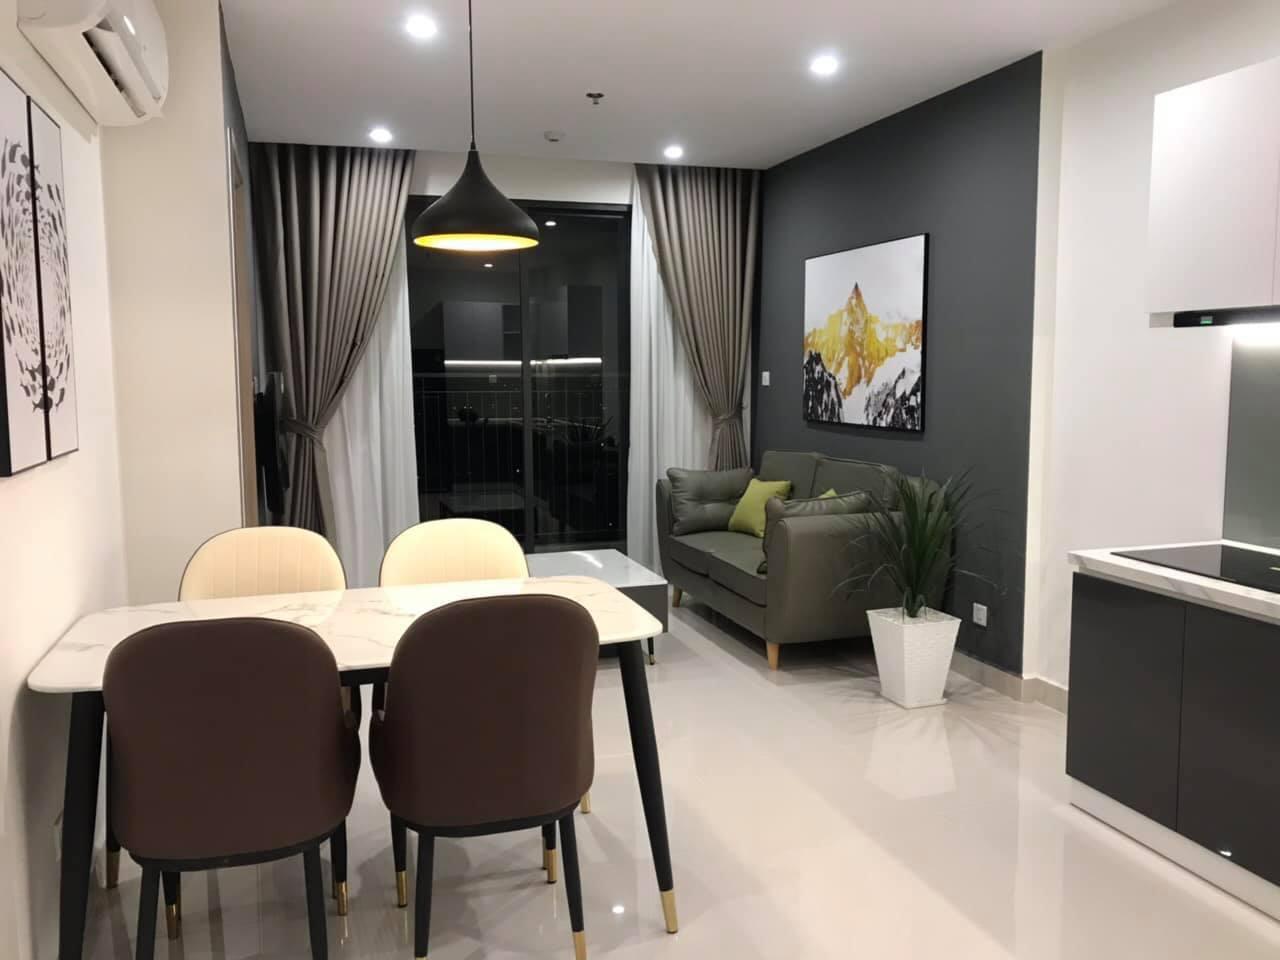 Căn hộ 2 phòng ngủ nội thất đầy đủ tầng 5 toà S2.03 giá 8tr/tháng 4